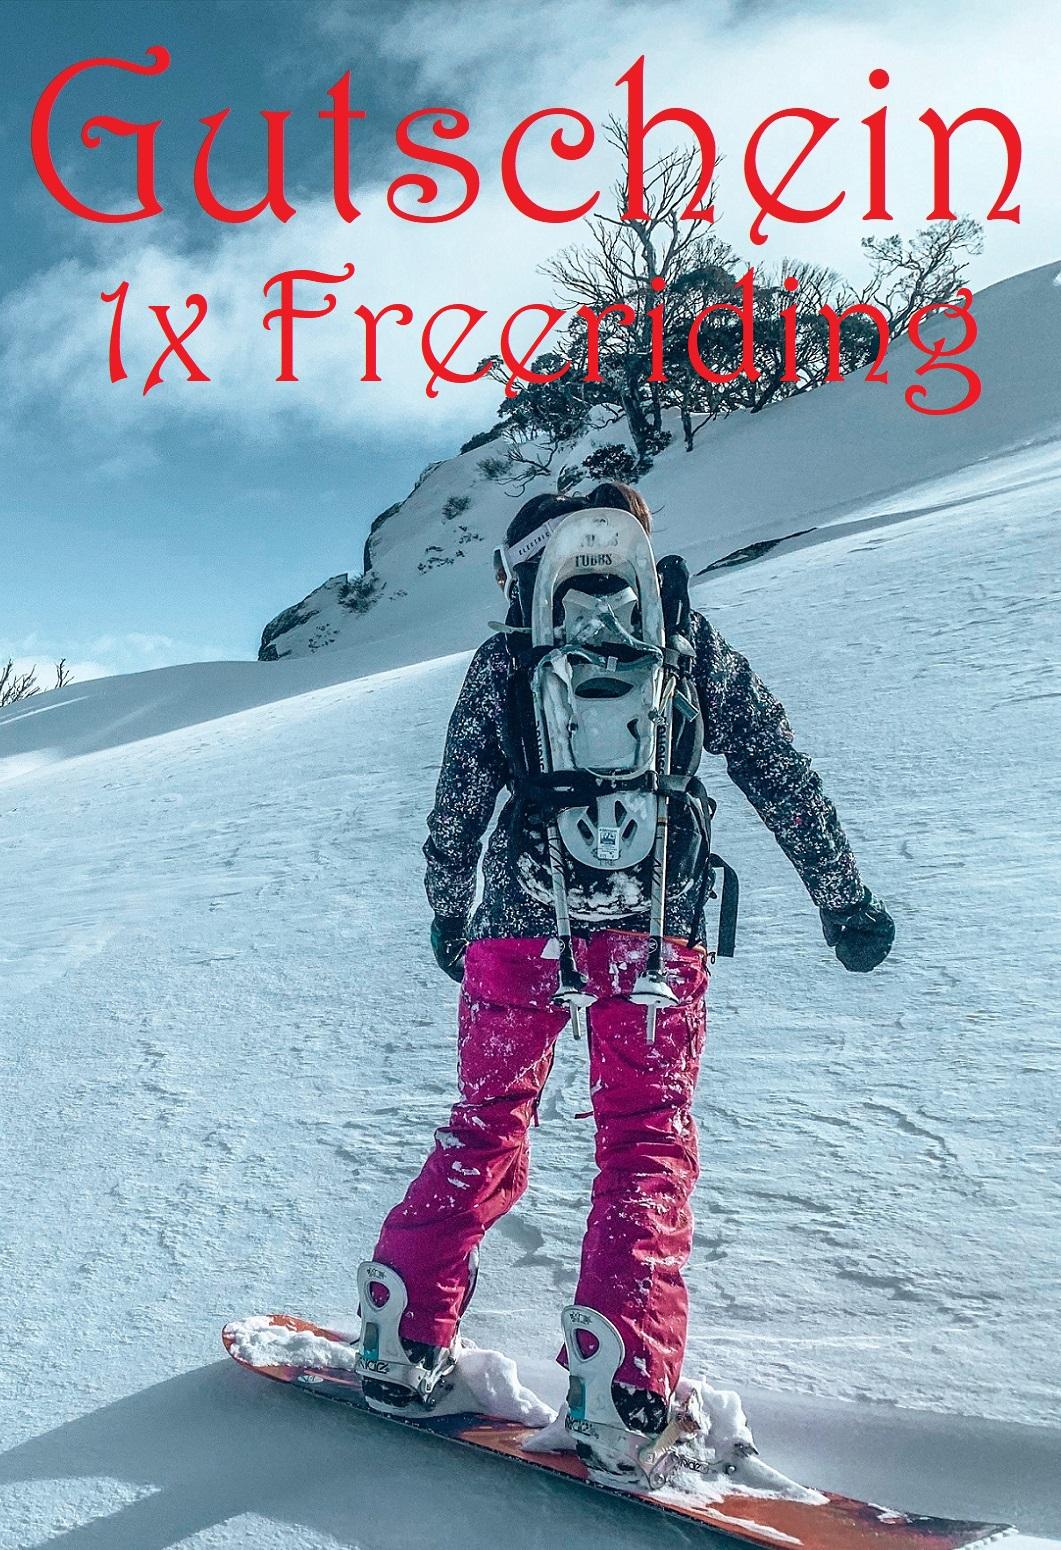 Gutscheinvorlage fürs Freeriding